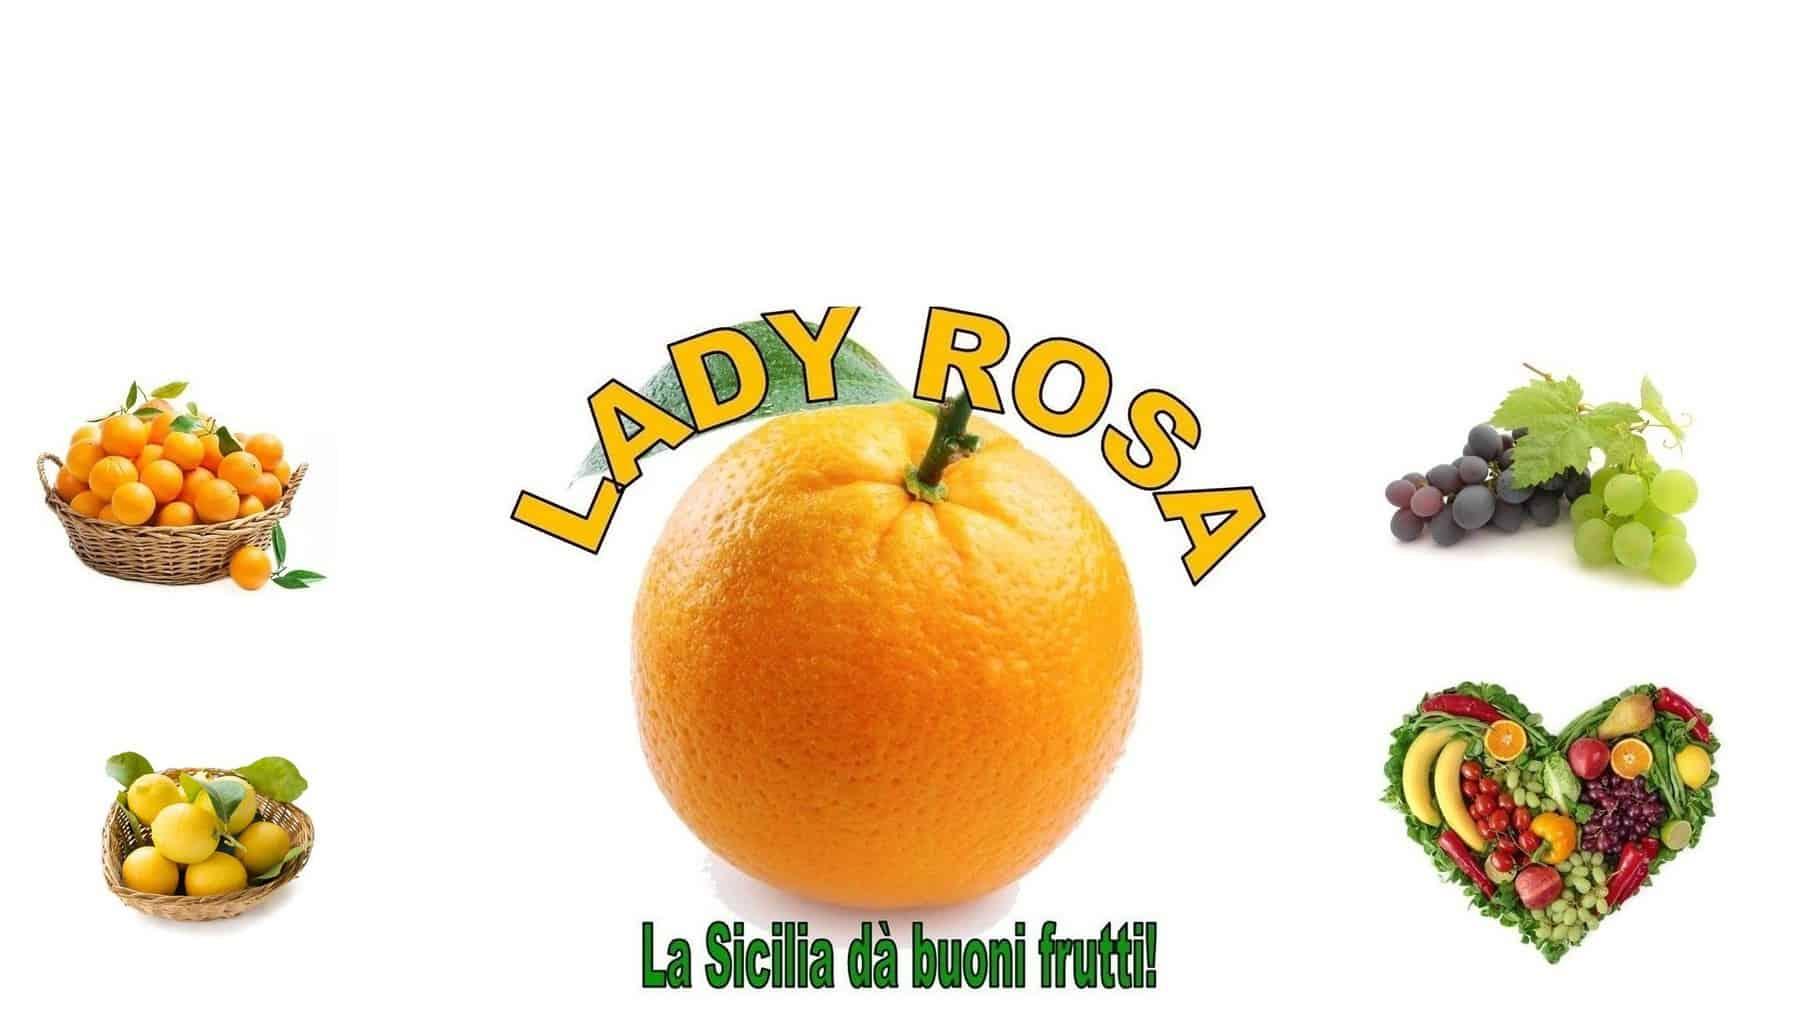 Arancialadyrosa: prodotti tipici della Sicilia di qualità a buon prezzo